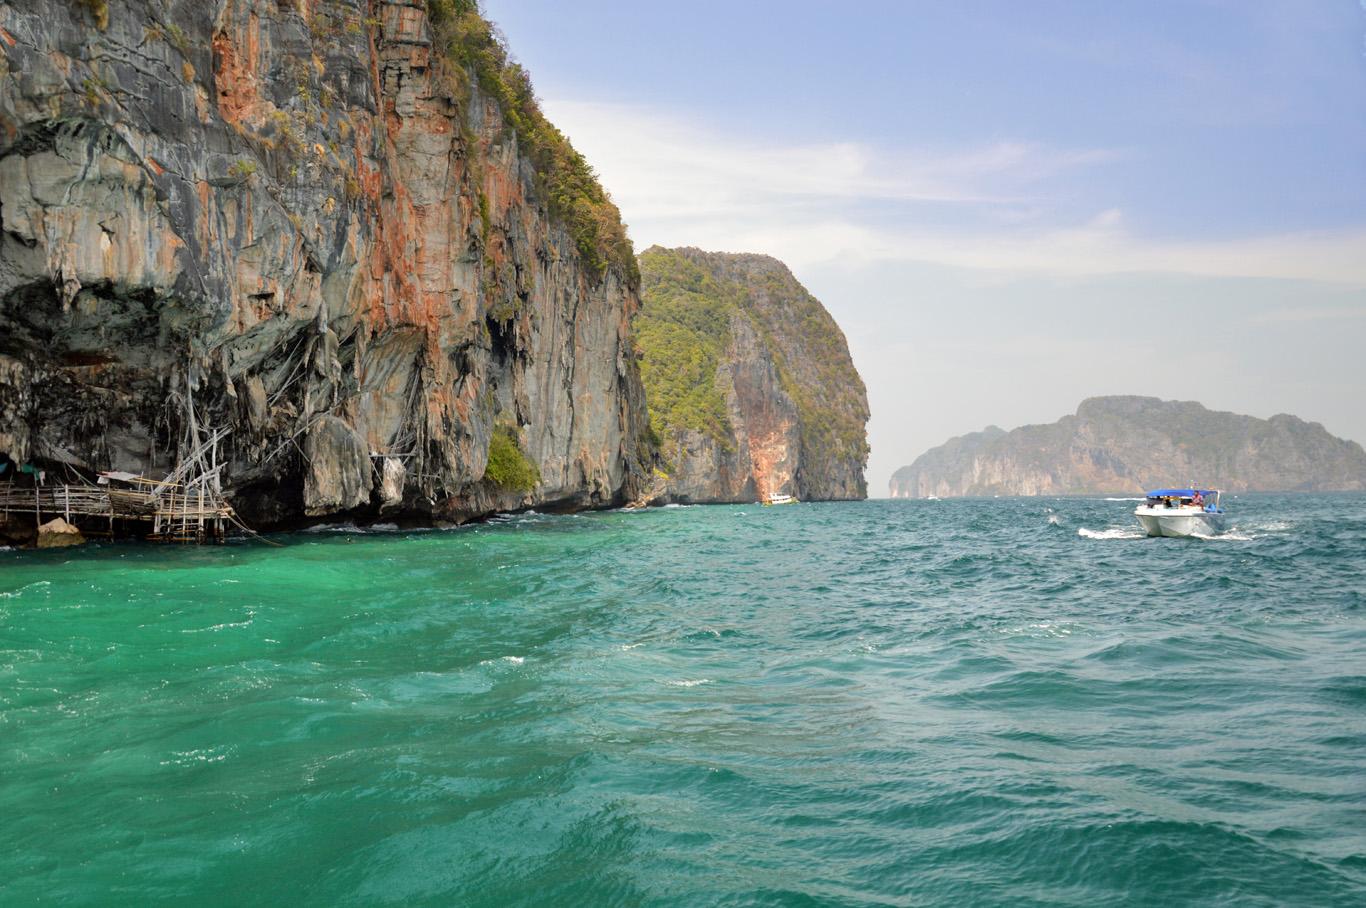 The cliffs at Ko Phi Phi